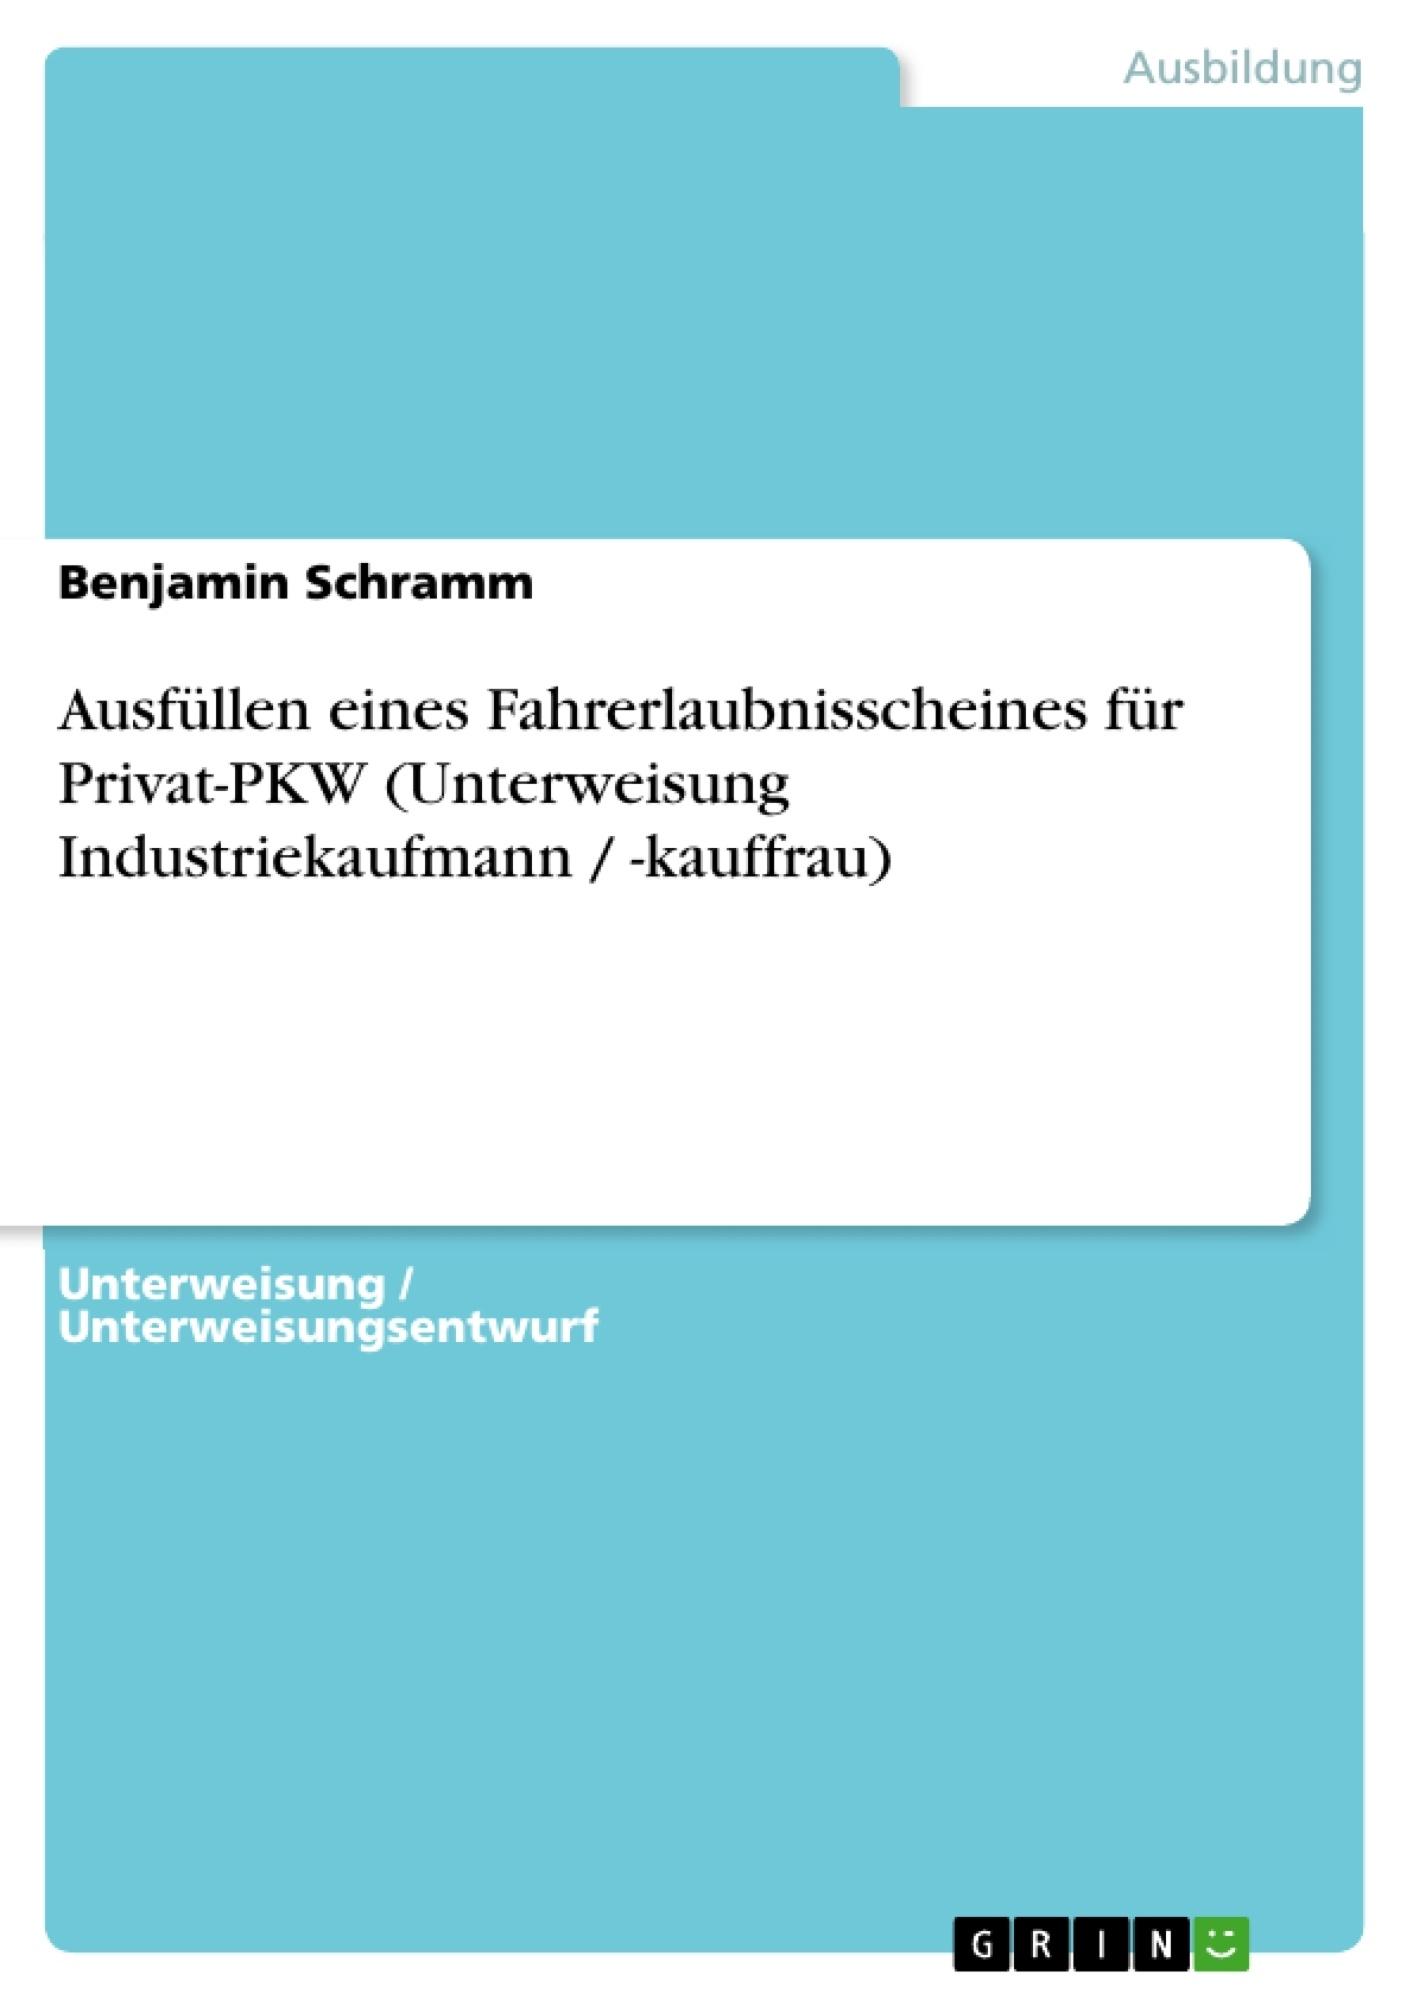 Titel: Ausfüllen eines Fahrerlaubnisscheines für Privat-PKW (Unterweisung Industriekaufmann / -kauffrau)